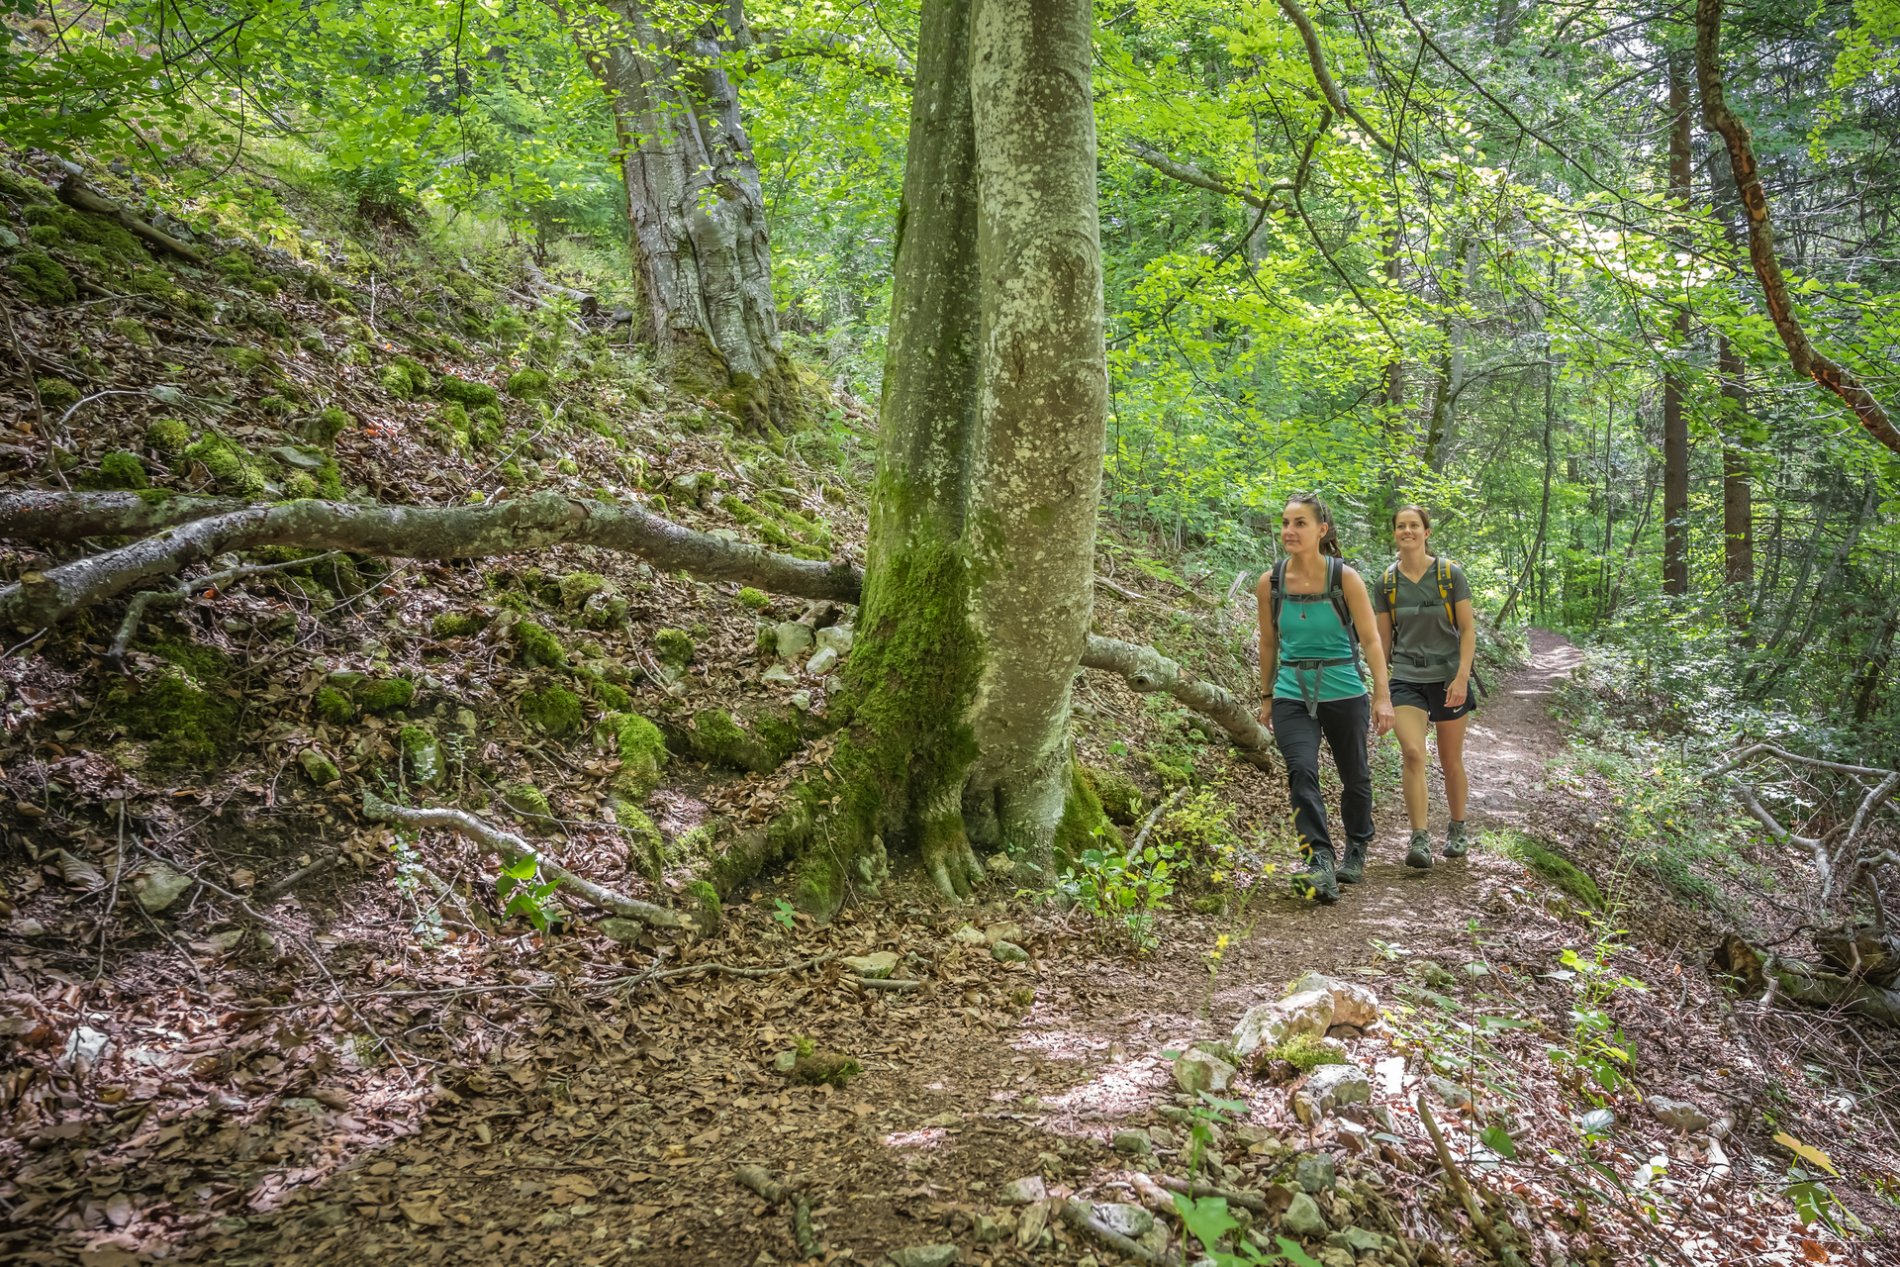 Zwei Wanderer*innen laufen einen schmalen Pfad im Wald leicht bergauf und lächeln. Durch die Blätter der Bäume blitzt hin und wieder die Sonne.